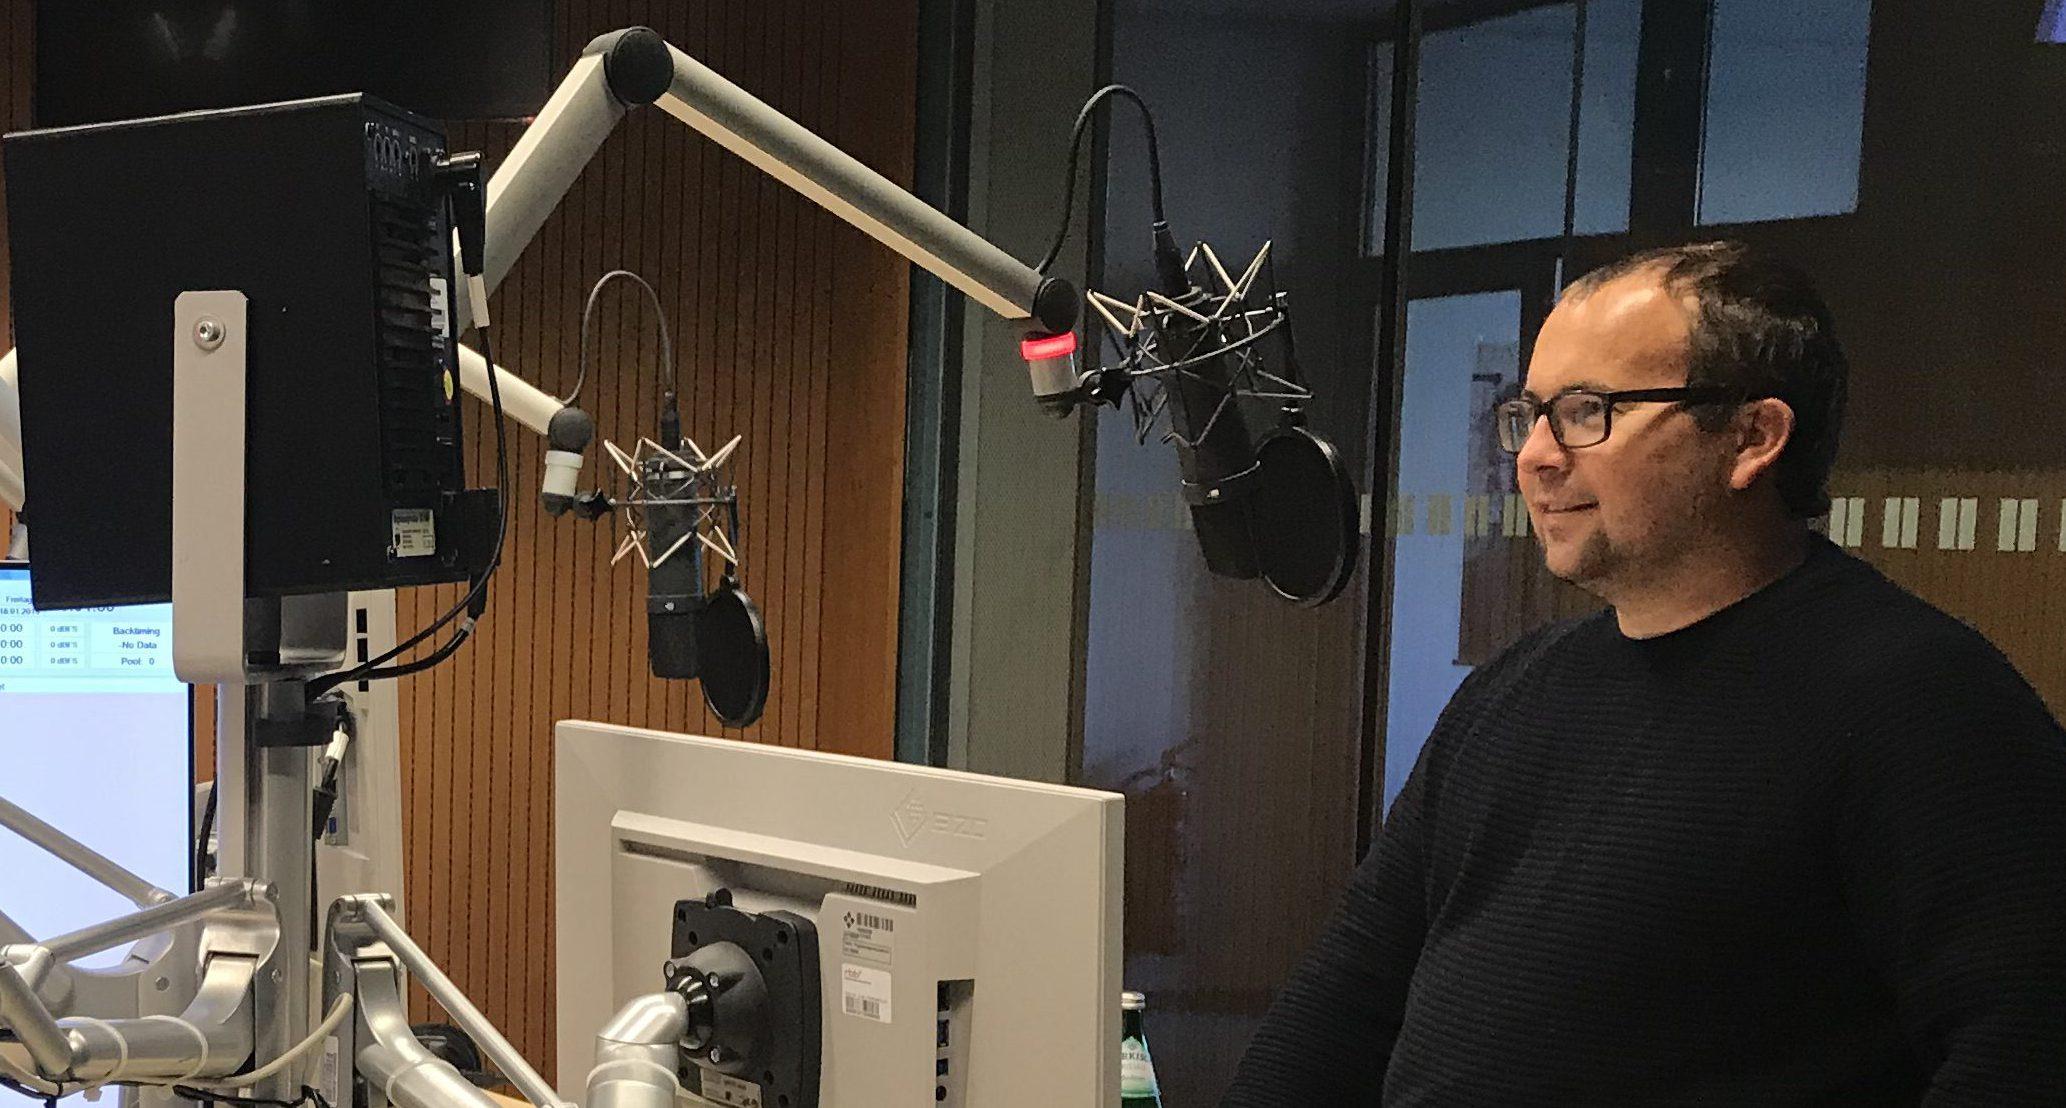 Moritz Kirchner im Antenne-Gespräch beim Radiosender Antenne Brandenburg